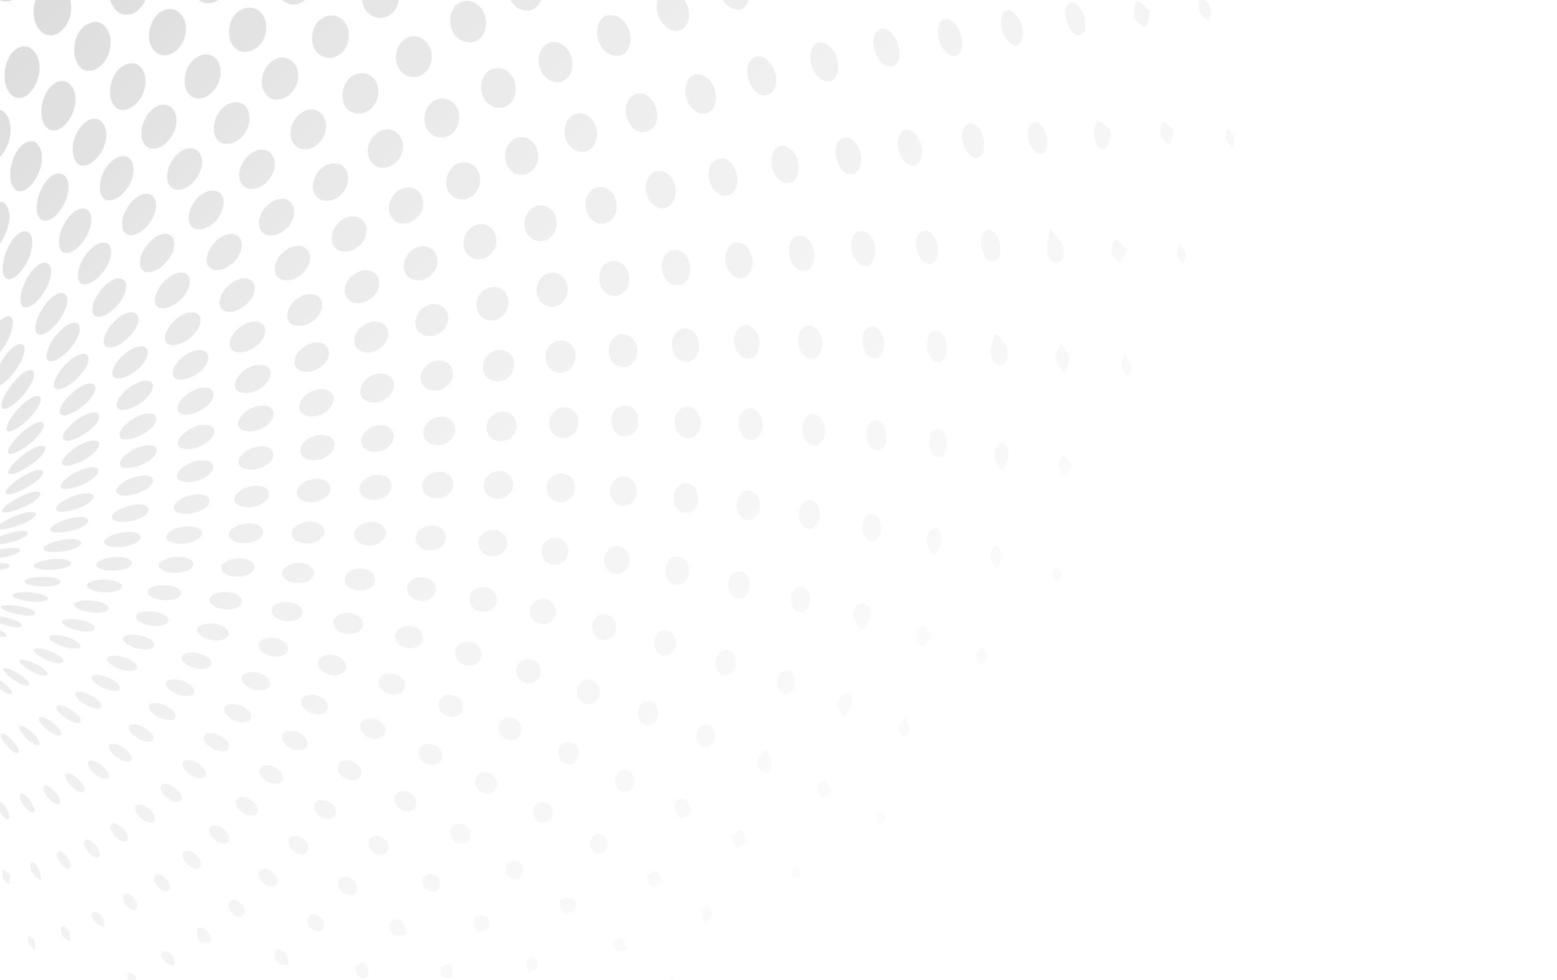 Halbton weißer geometrischer Hintergrund vektor